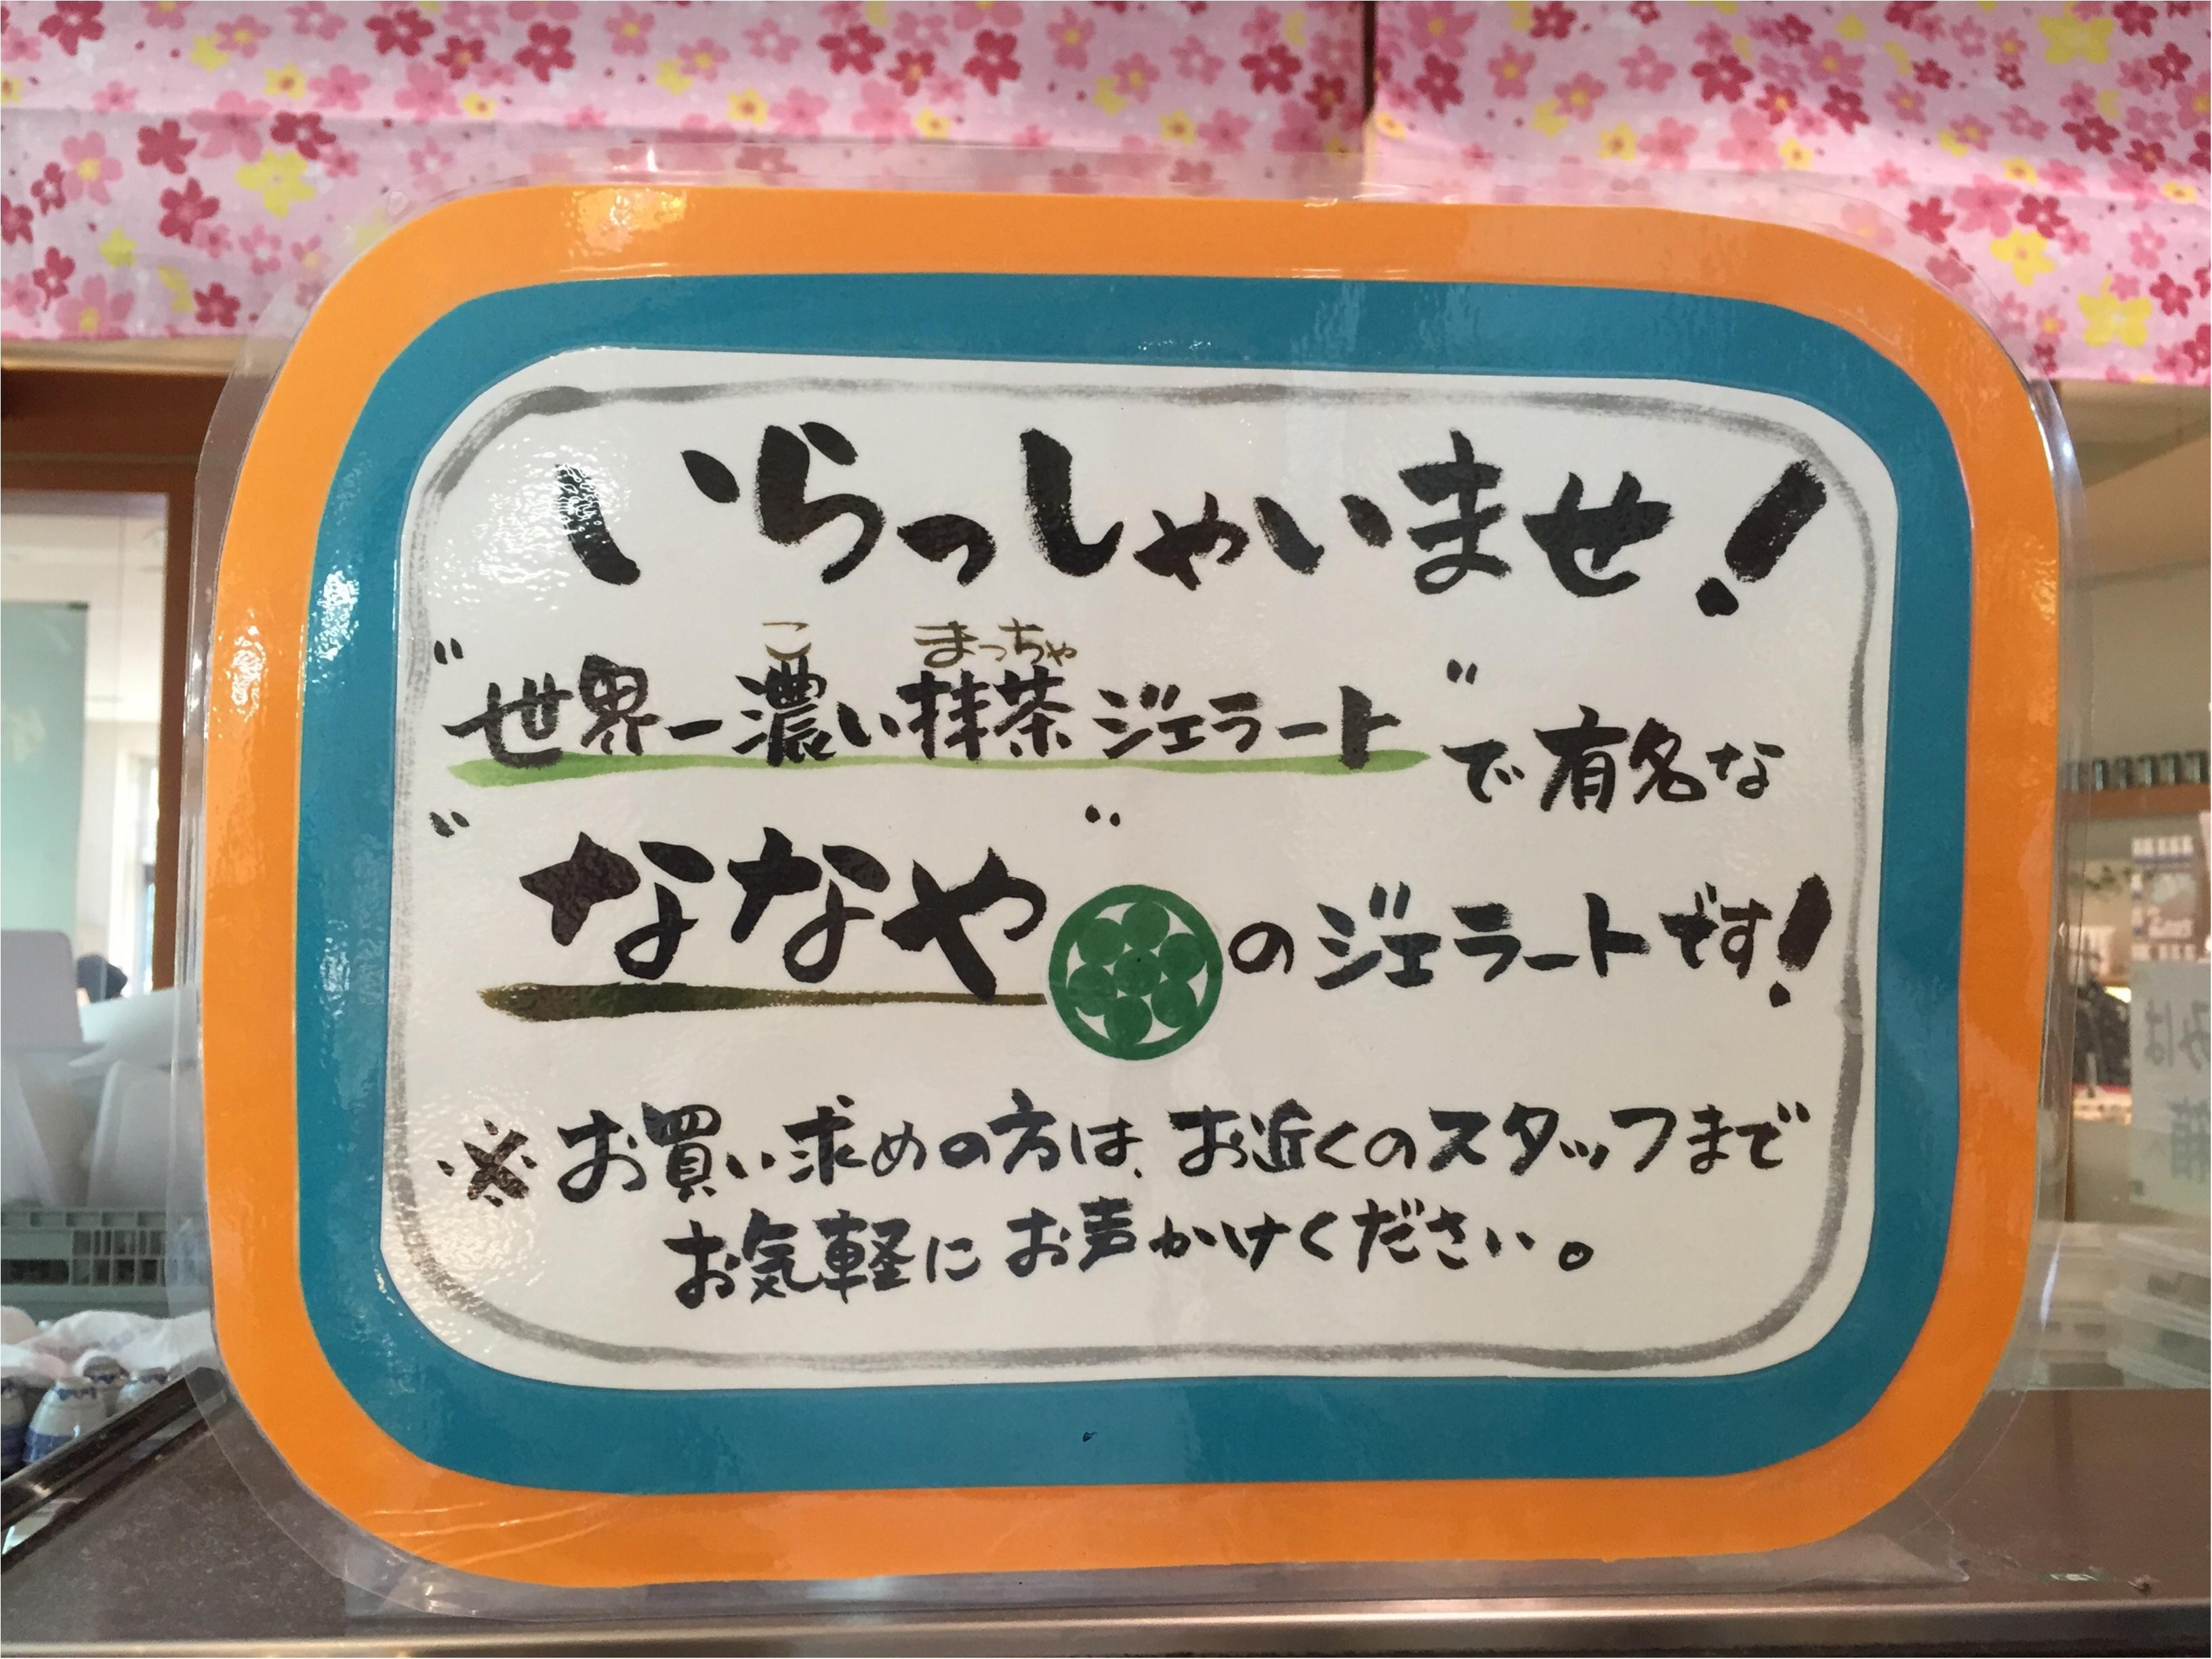 世界で一番濃い抹茶アイス!静岡のななやの抹茶アイスが濃厚すぎる♡_5